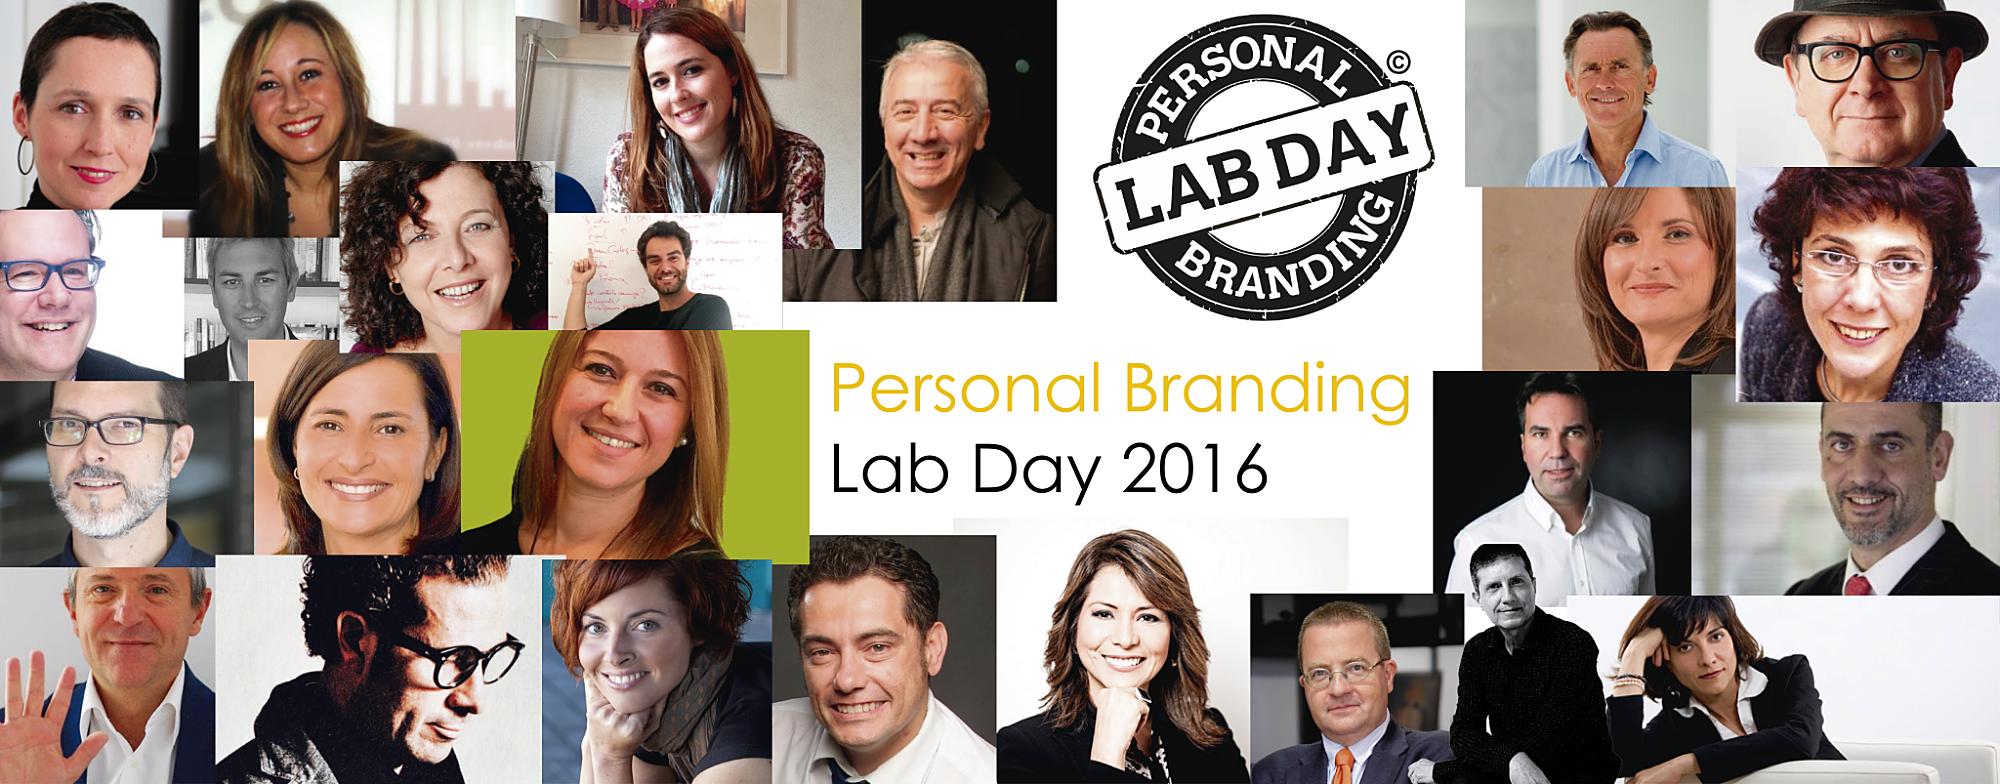 Emociones, pasión y alegrías gracias a un sueño. Resumen del Personal Branding Lab Day 2016